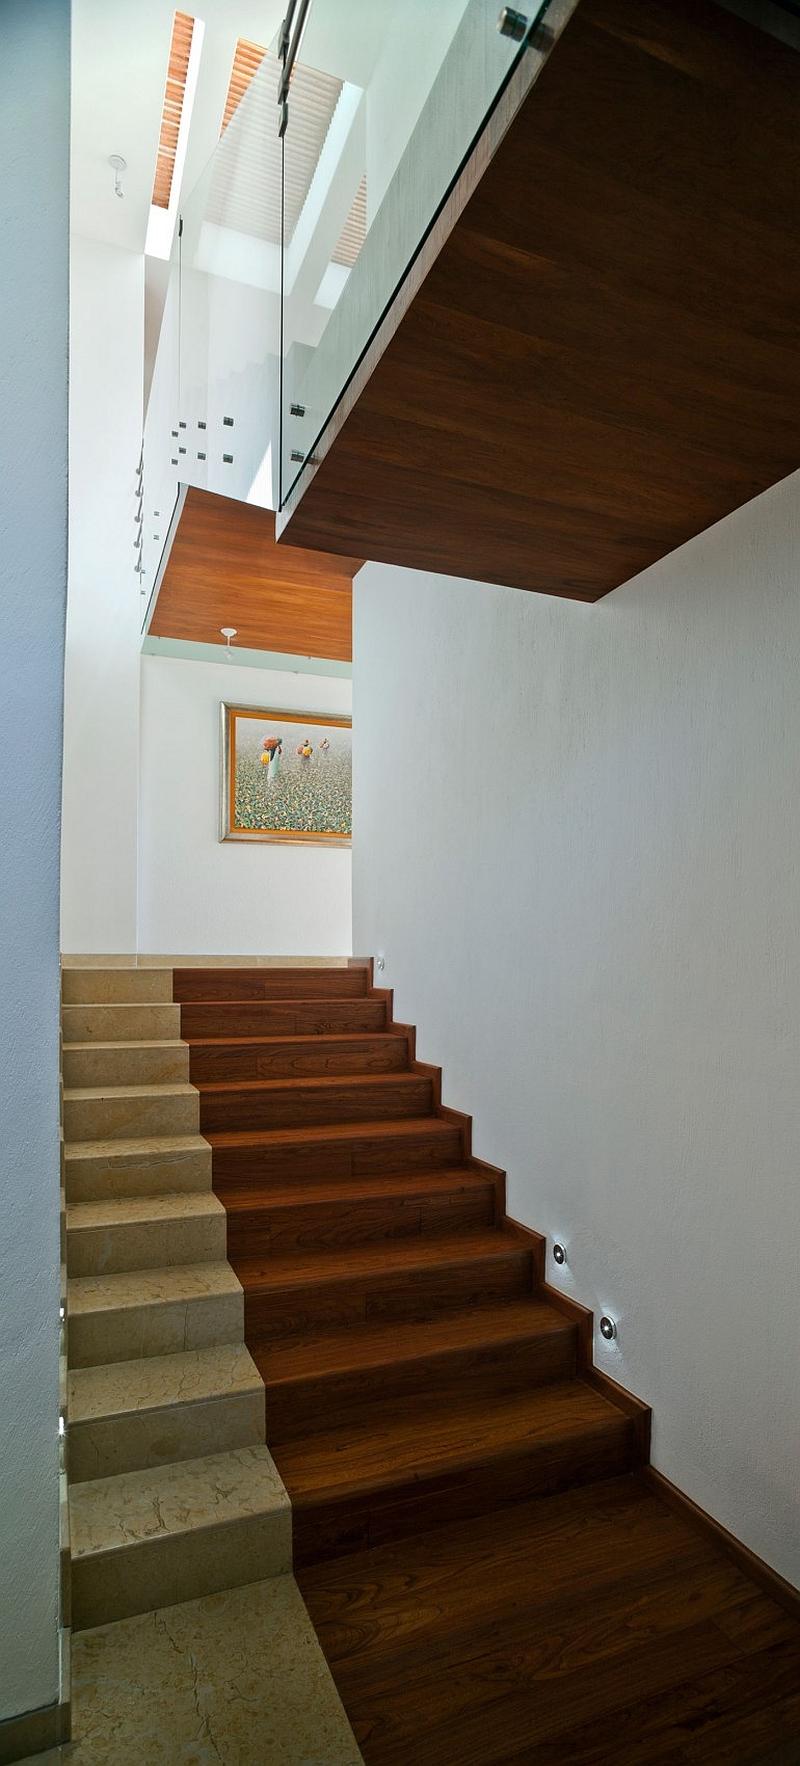 Goregous modern staircase design